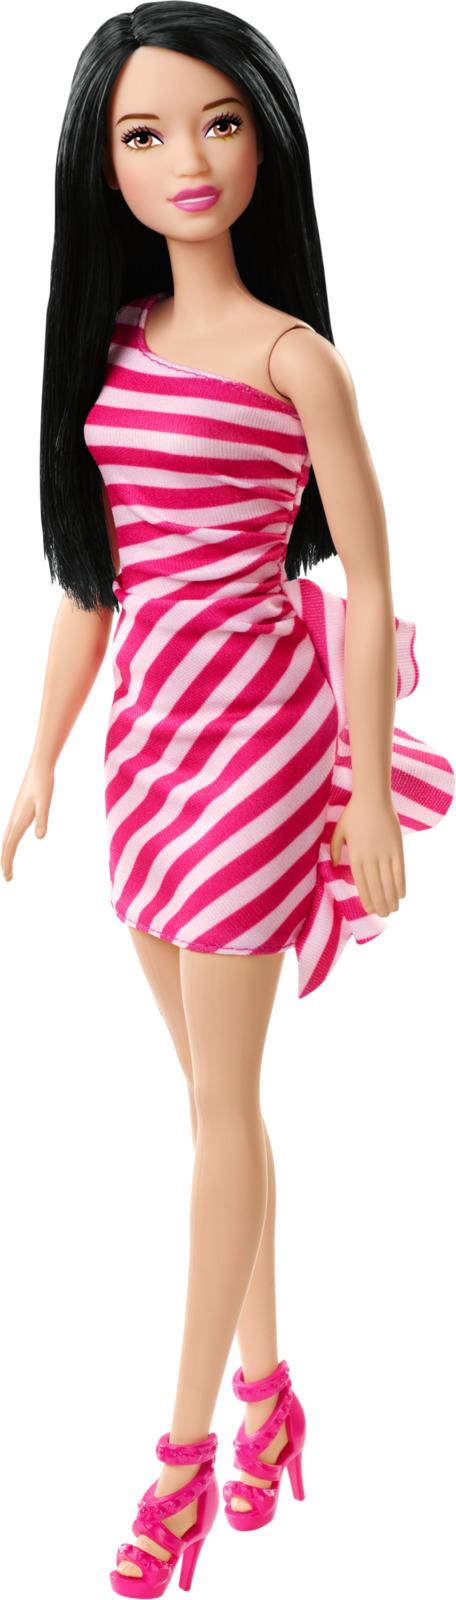 Barbie Кукла Брюнетка Сияние моды цвет платья в полоску (розовая, красная) цена 2017